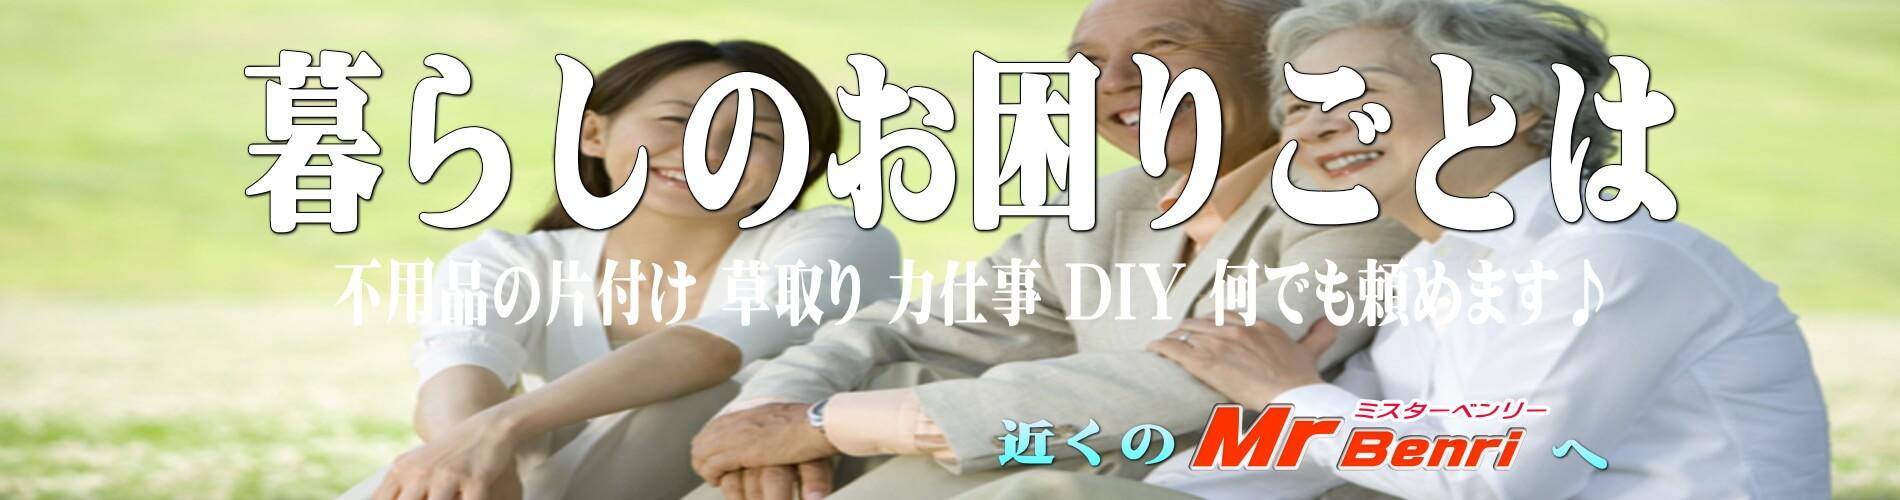 東京都町田市の便利屋Mrベンリー東京町田店です。 町田市、相模原市、大和市を中心に、便利屋業を行っております。